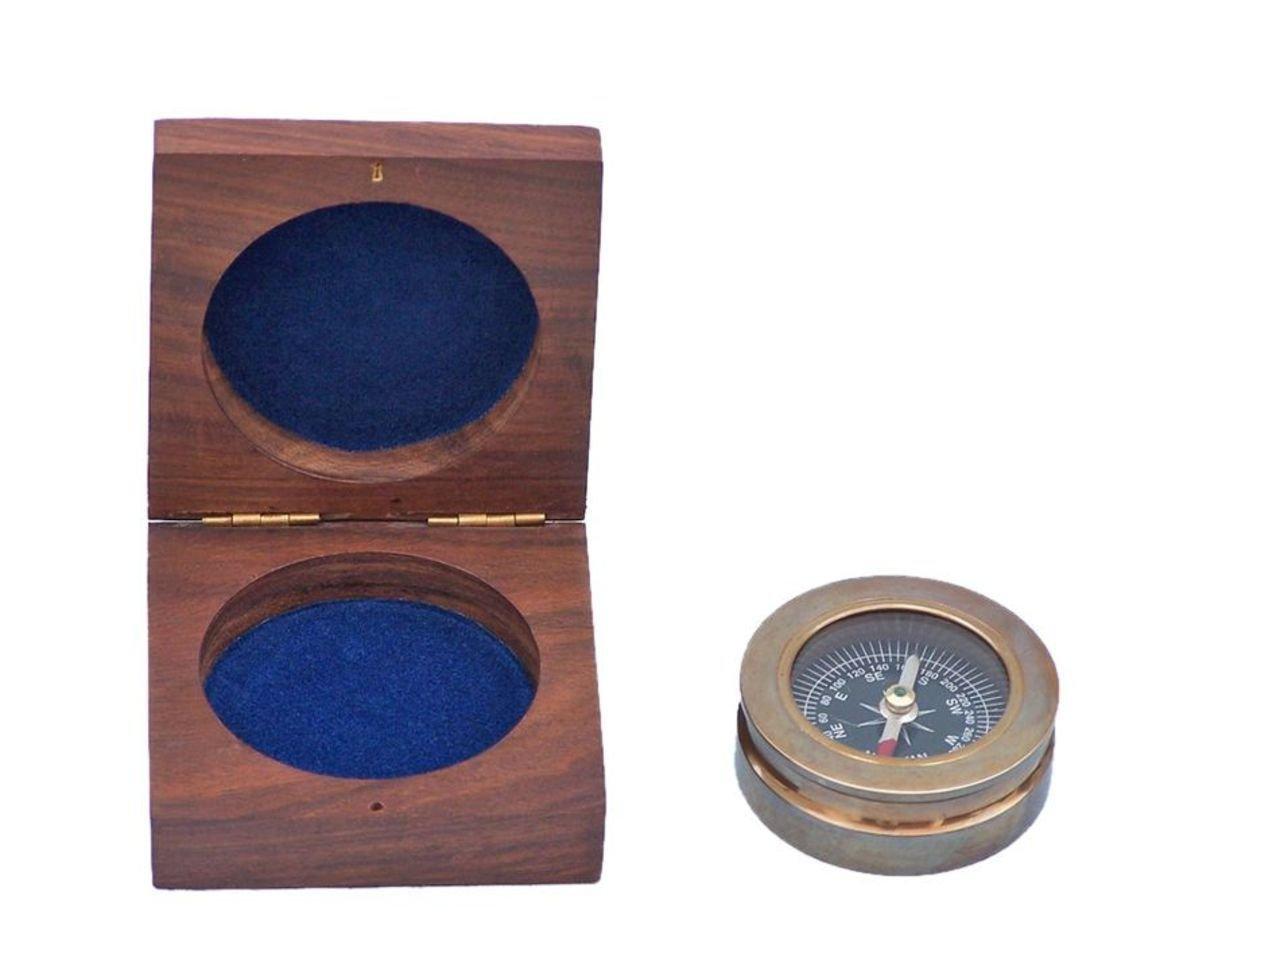 Hampton Nautical Handarbeit Maritimes Dekor Old Schreibtisch Kompass Briefbeschwerer, Messing, Messing antik-Optik, 7,6 cm